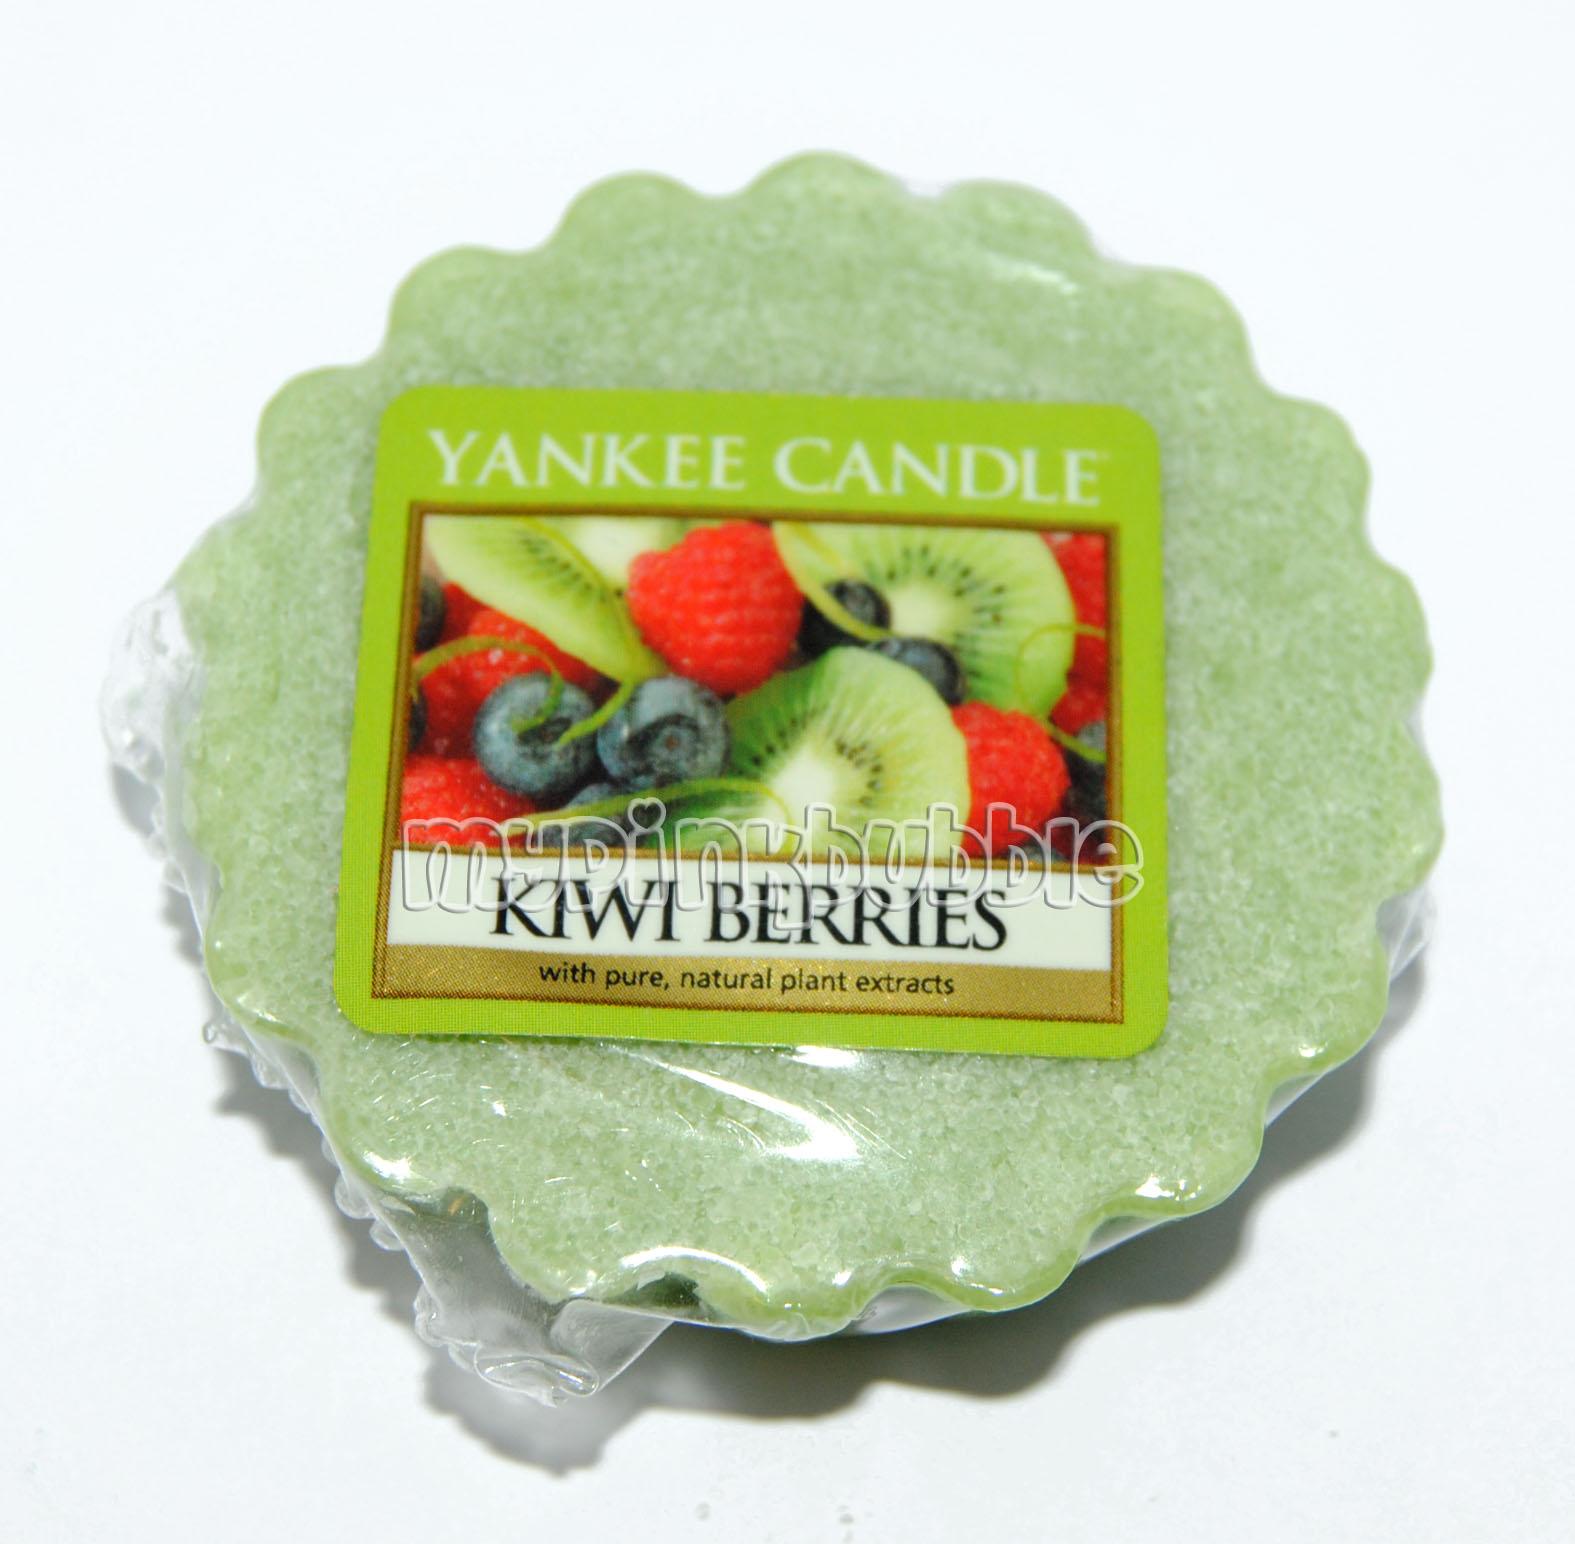 Yankee Candle Kiwi Berrie